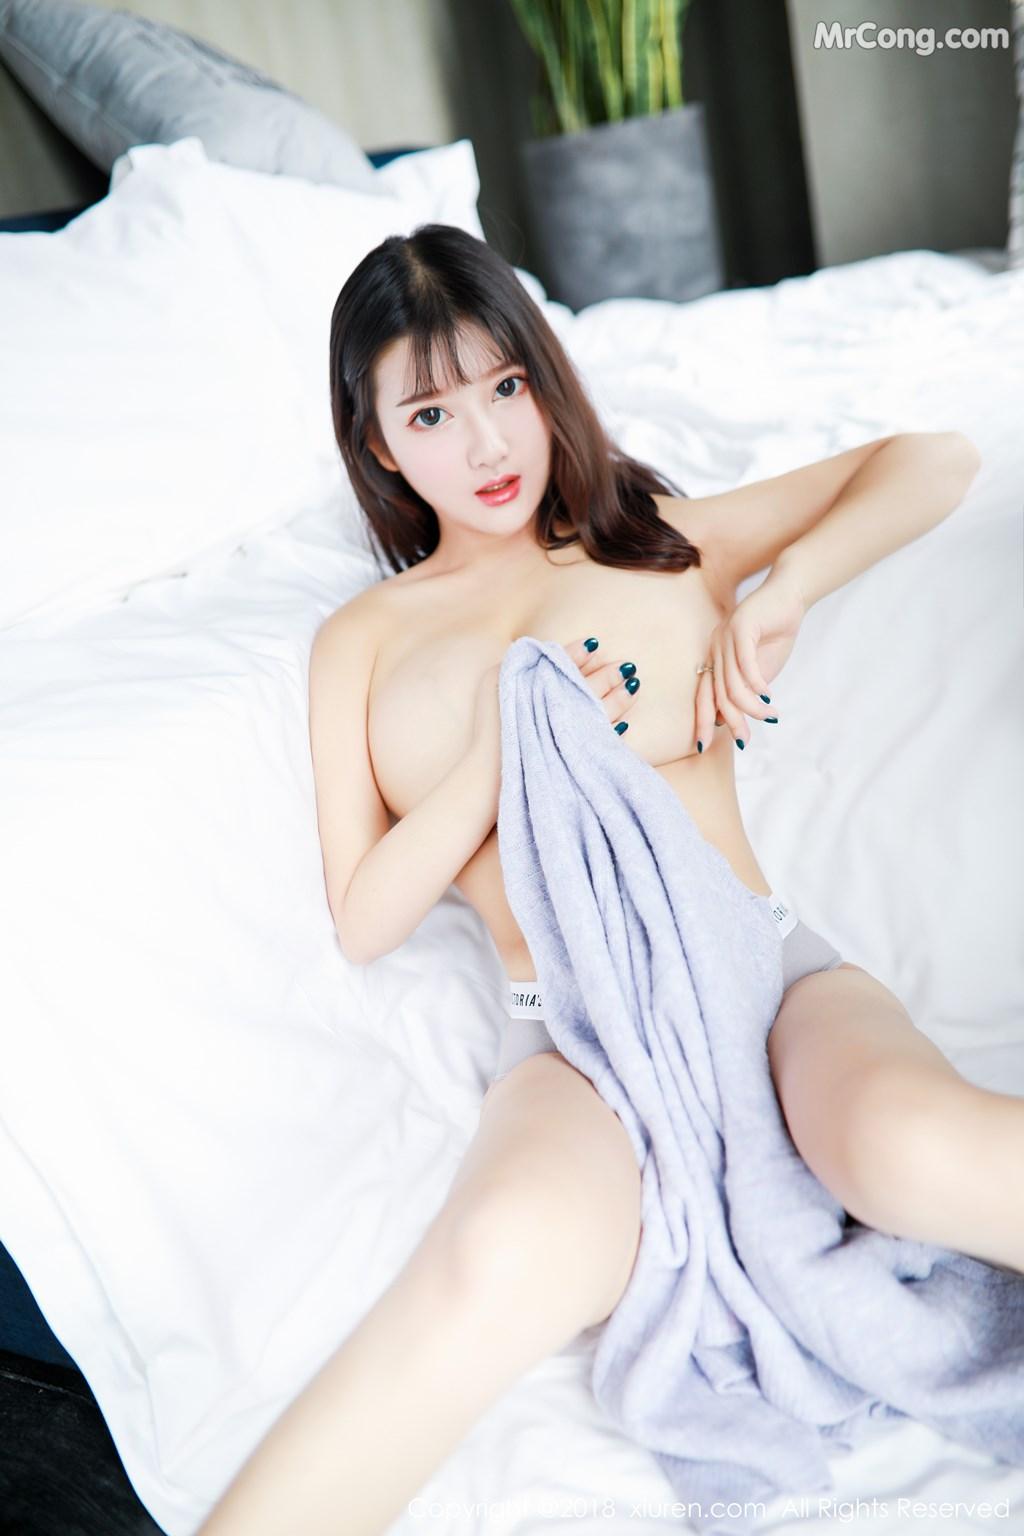 Image XIUREN-No.1274-Xiao-You-Nai-MrCong.com-008 in post XIUREN No.1274: Người mẫu Xiao You Nai (小尤奈) (42 ảnh)